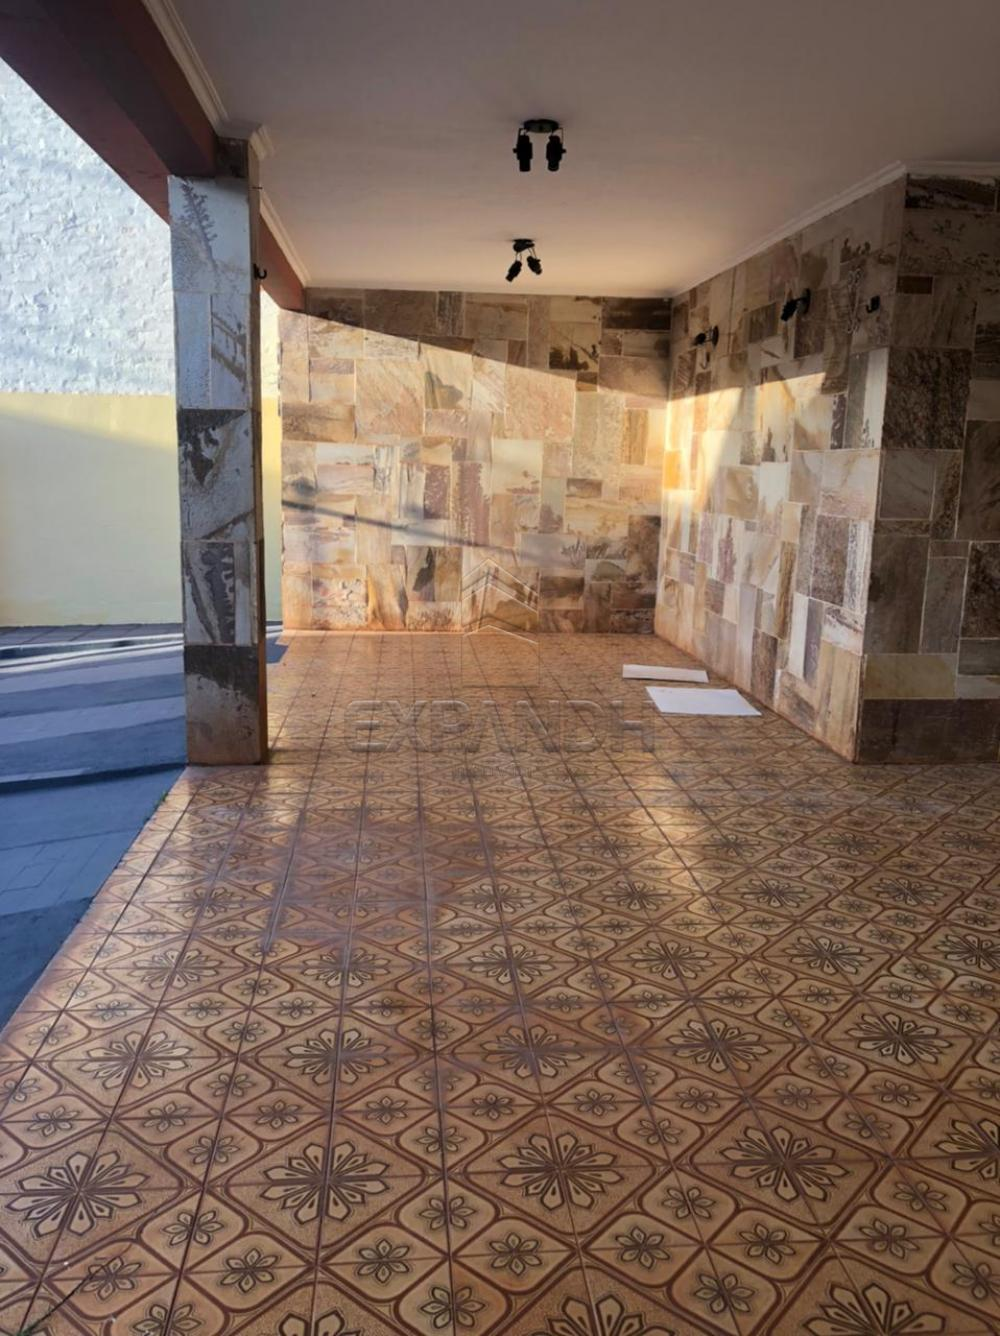 Alugar Casas / Padrão em Sertãozinho R$ 1.500,00 - Foto 3